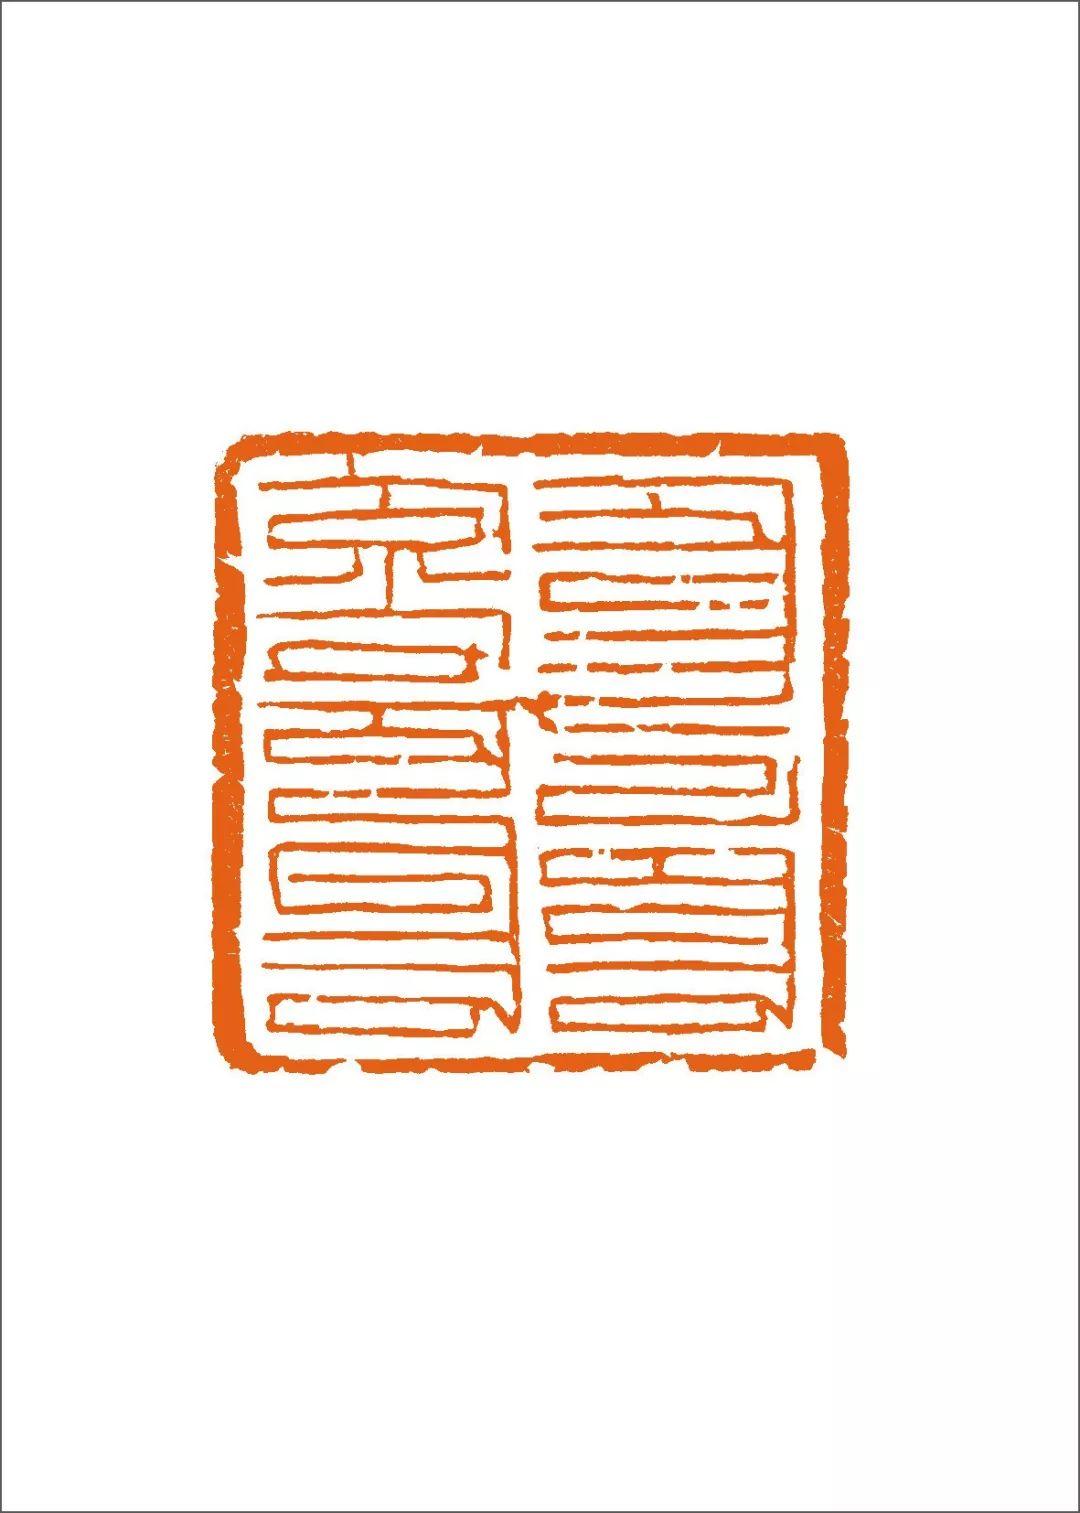 篆刻丛谈:八思巴文篆刻原石赏析 第84张